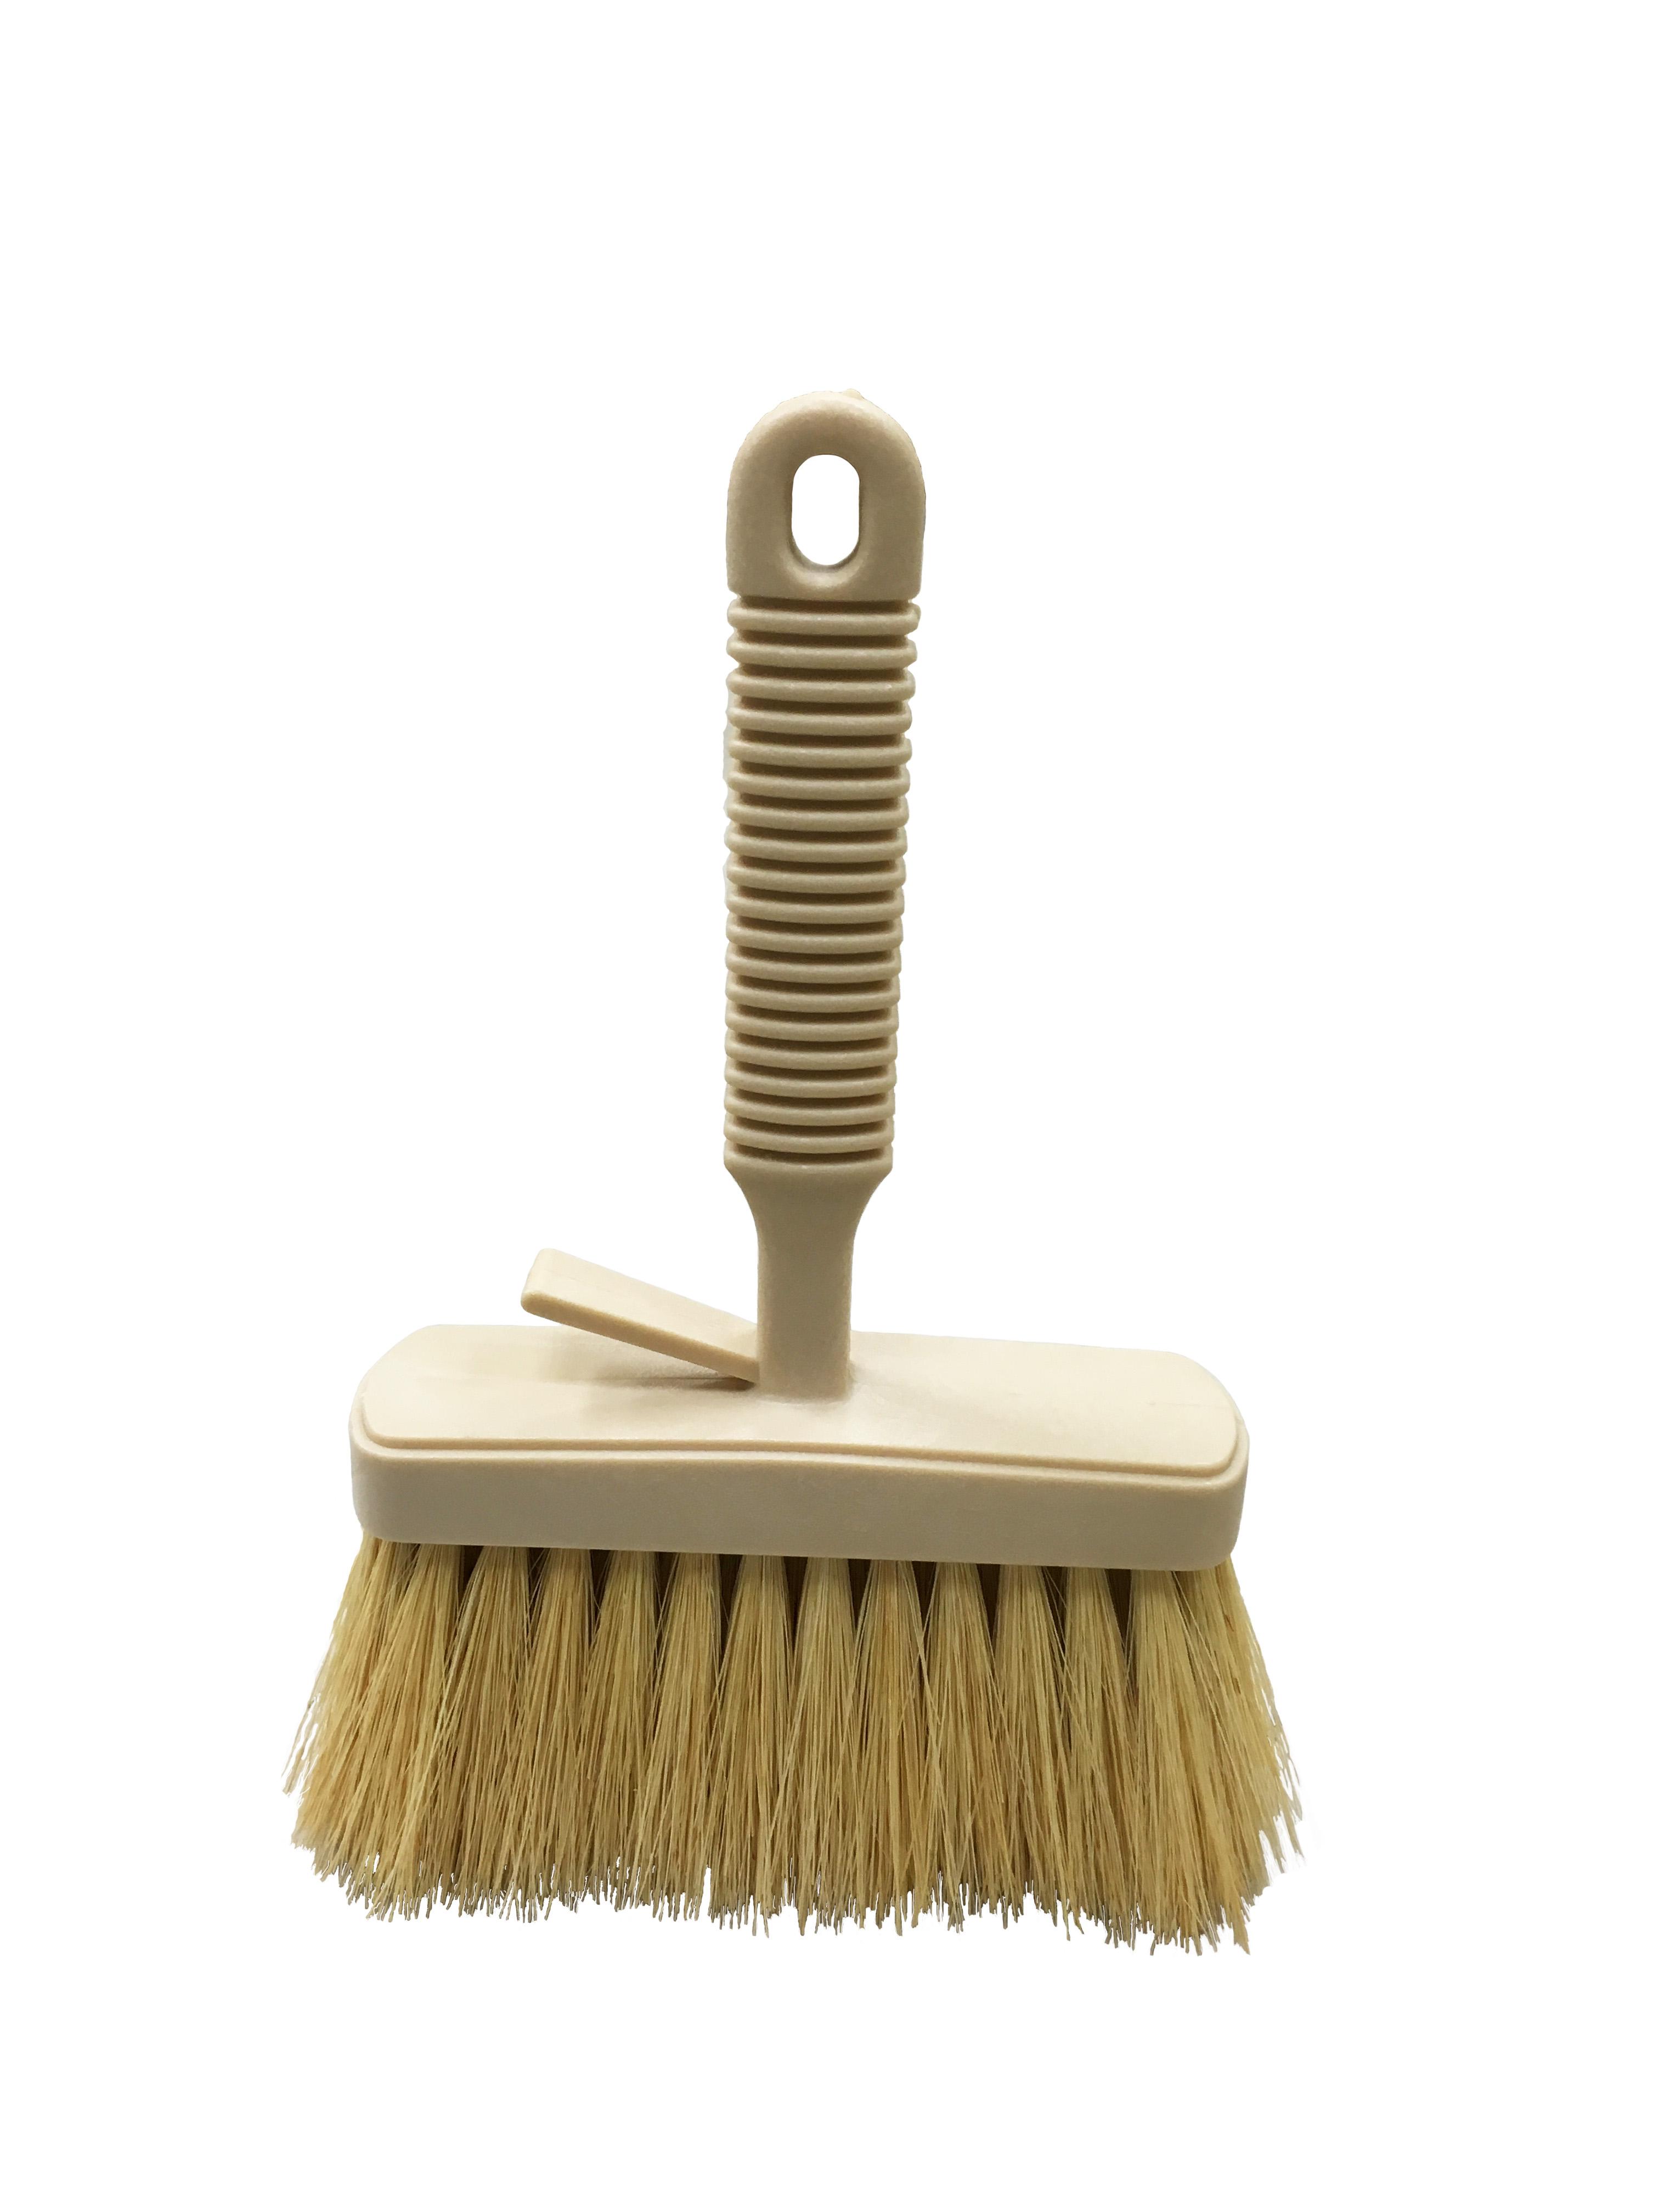 Whitewash Brushes